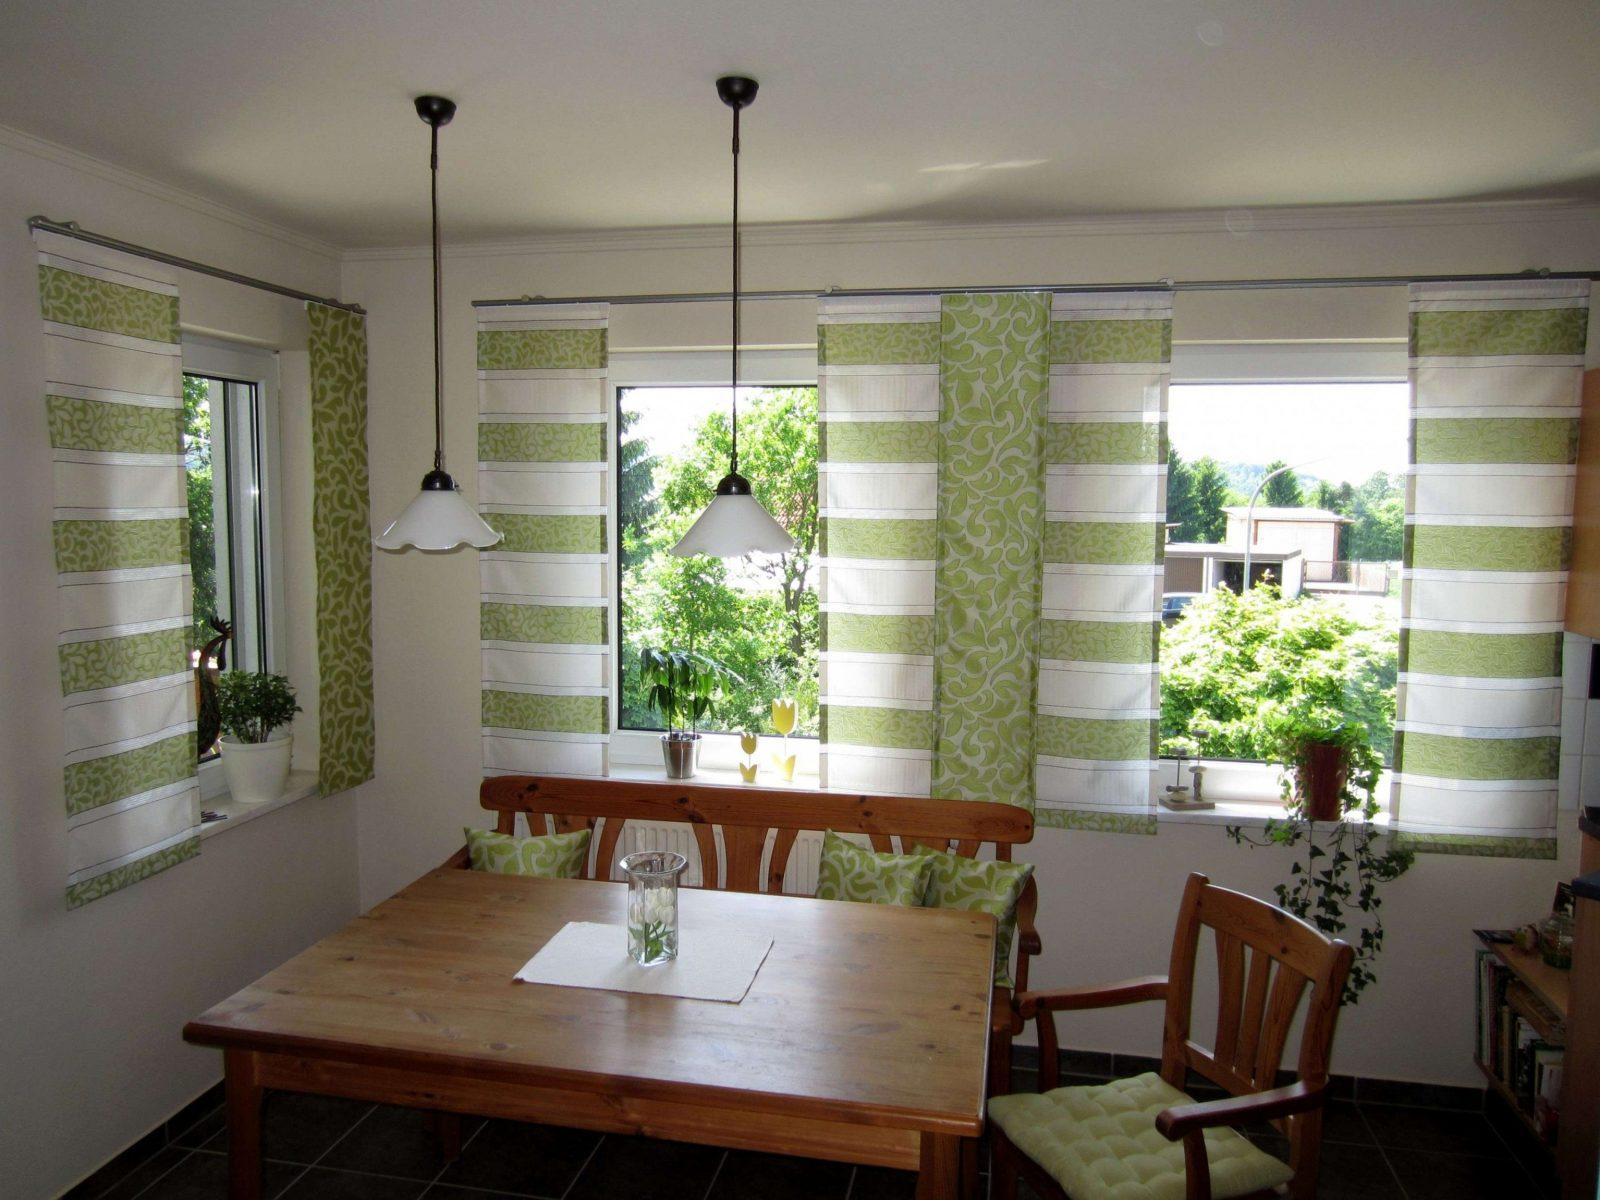 Ausgefallene Wohnzimmermobel Wohnzimmer Wohnzimmermobel Vollholz von Gardinen Wohnzimmer Trend Bild